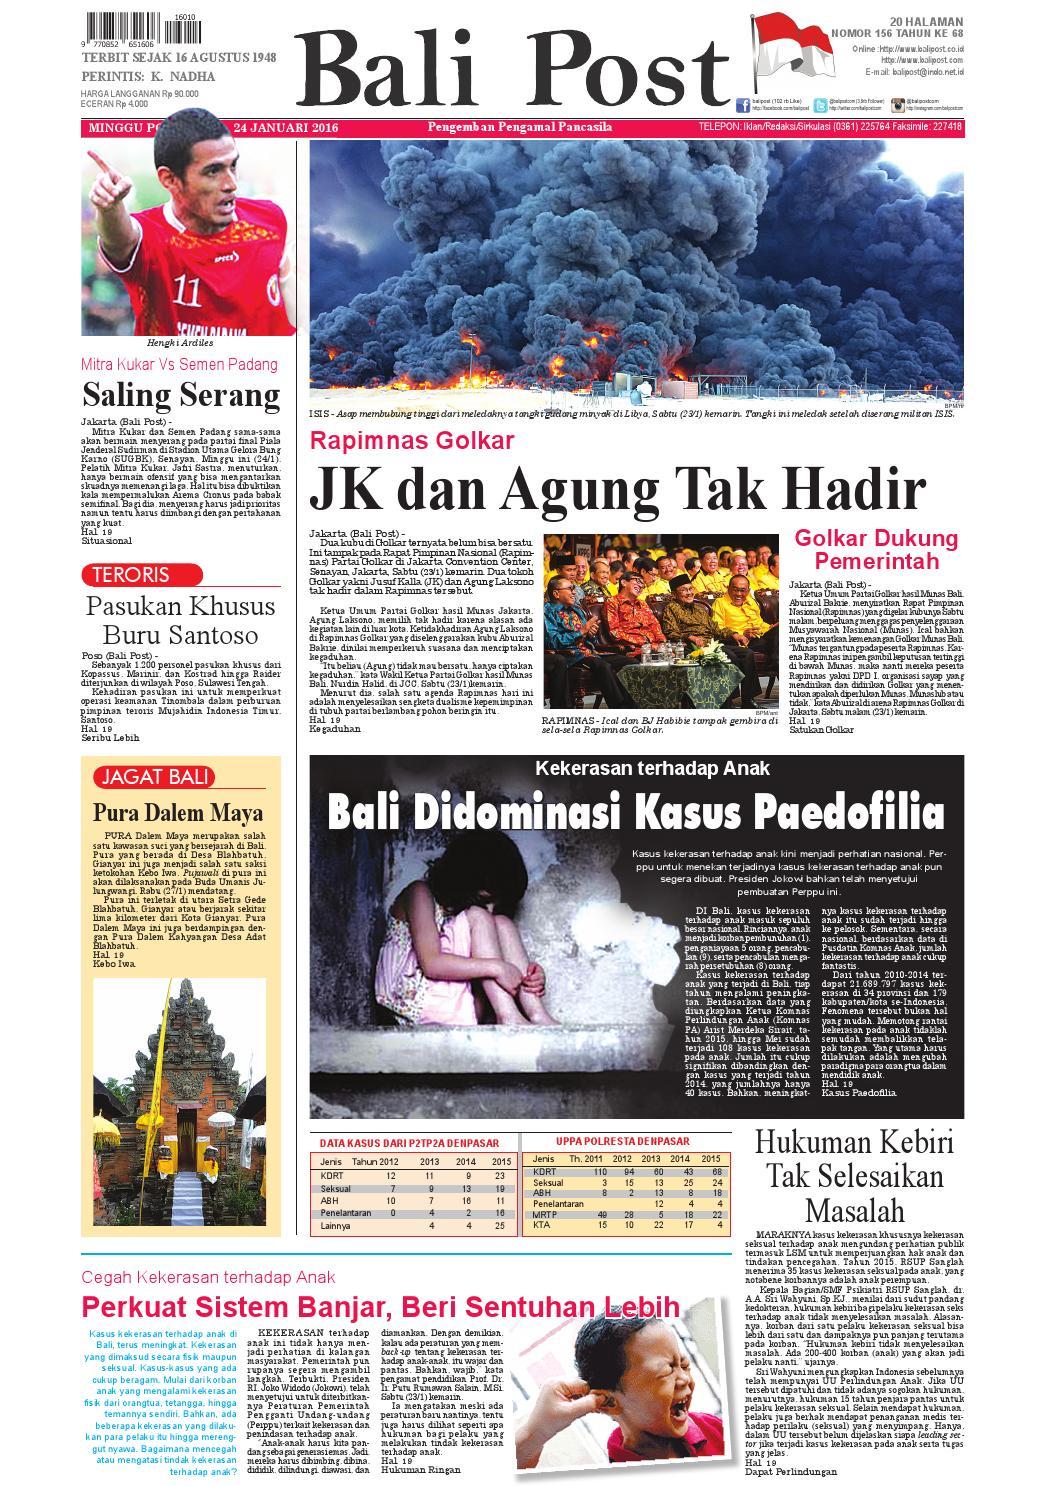 Edisi 24 Januari 2016